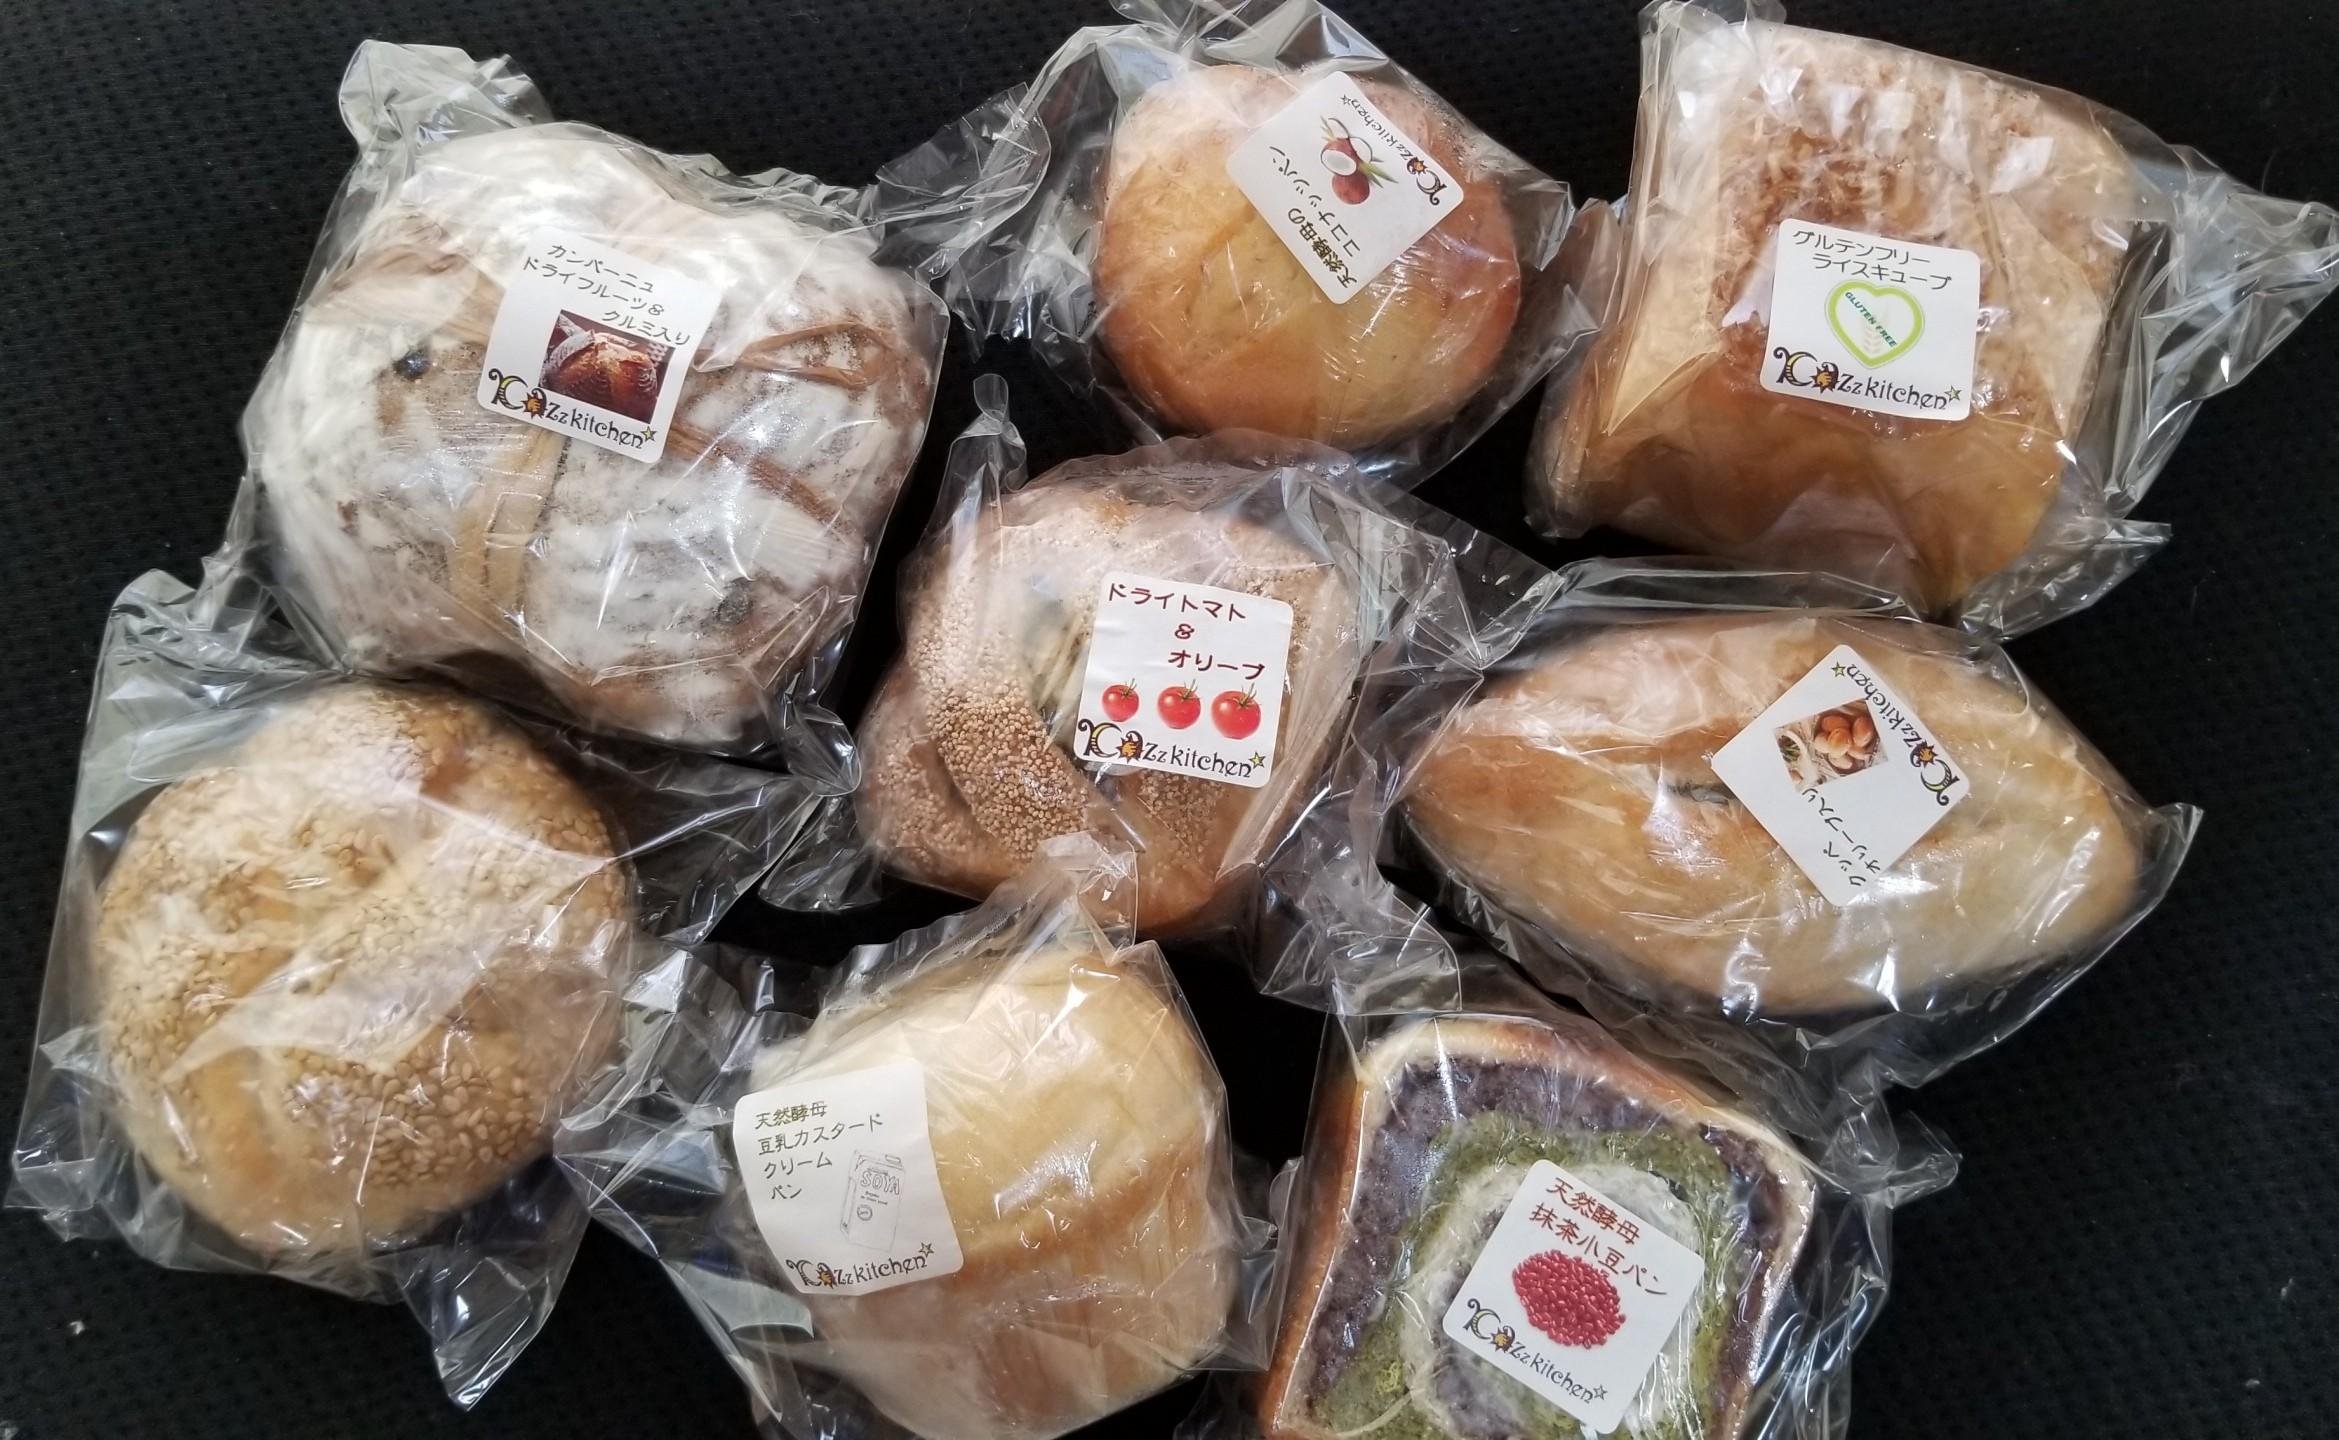 こだわりのパン屋, 無添加パン, kazzkitchen, 茨城県北相馬郡